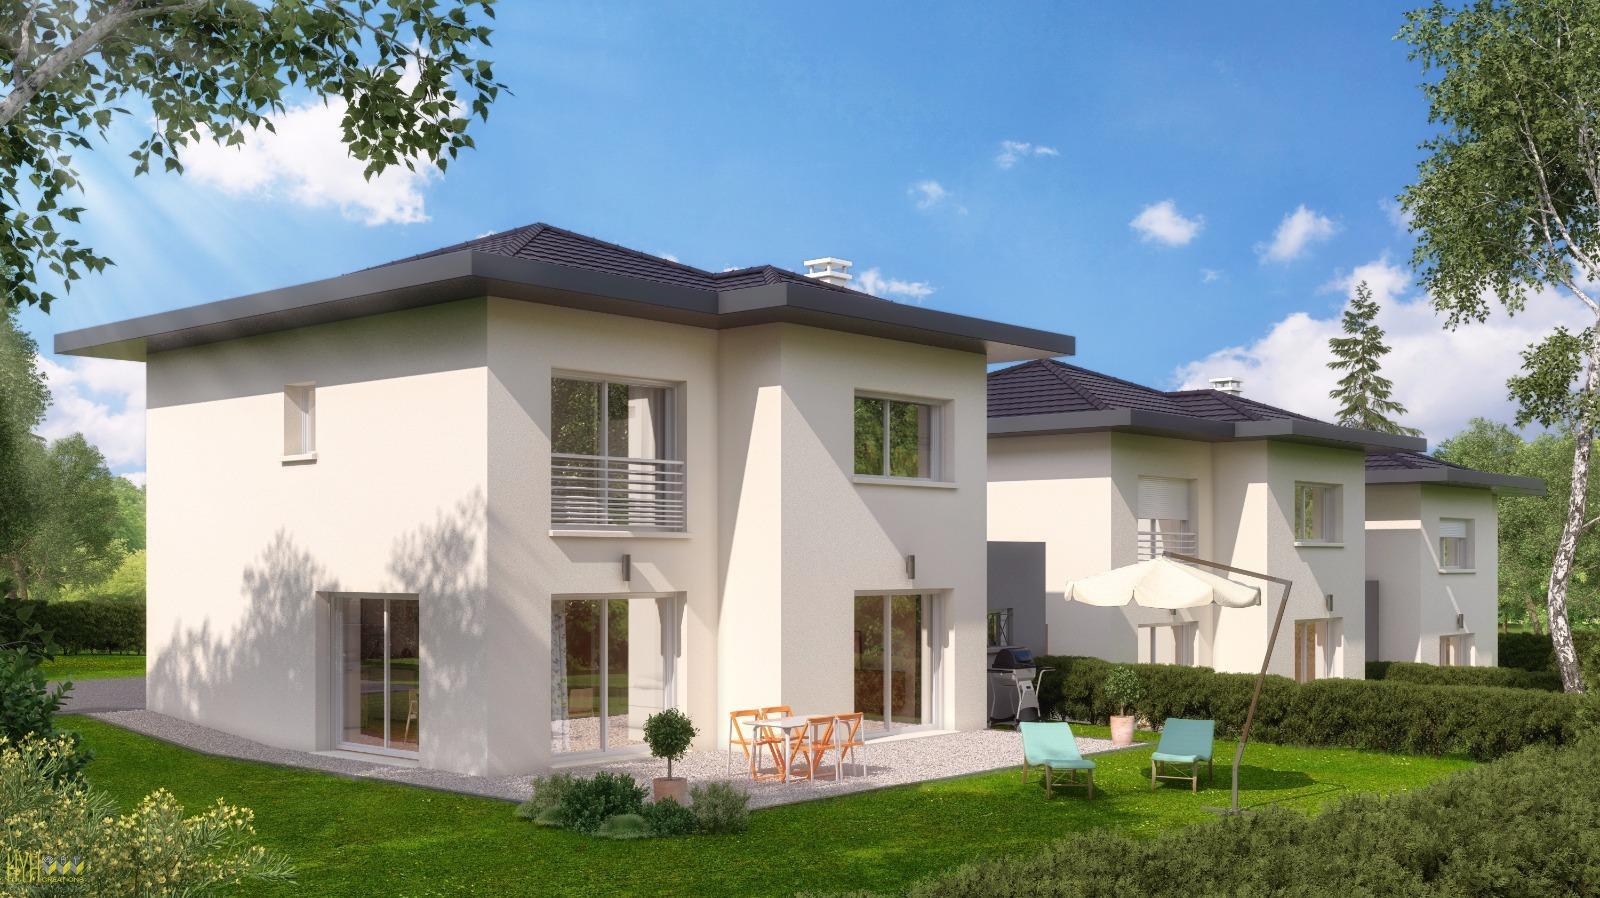 V711 Annecy sud maison jumelée de 130 m2